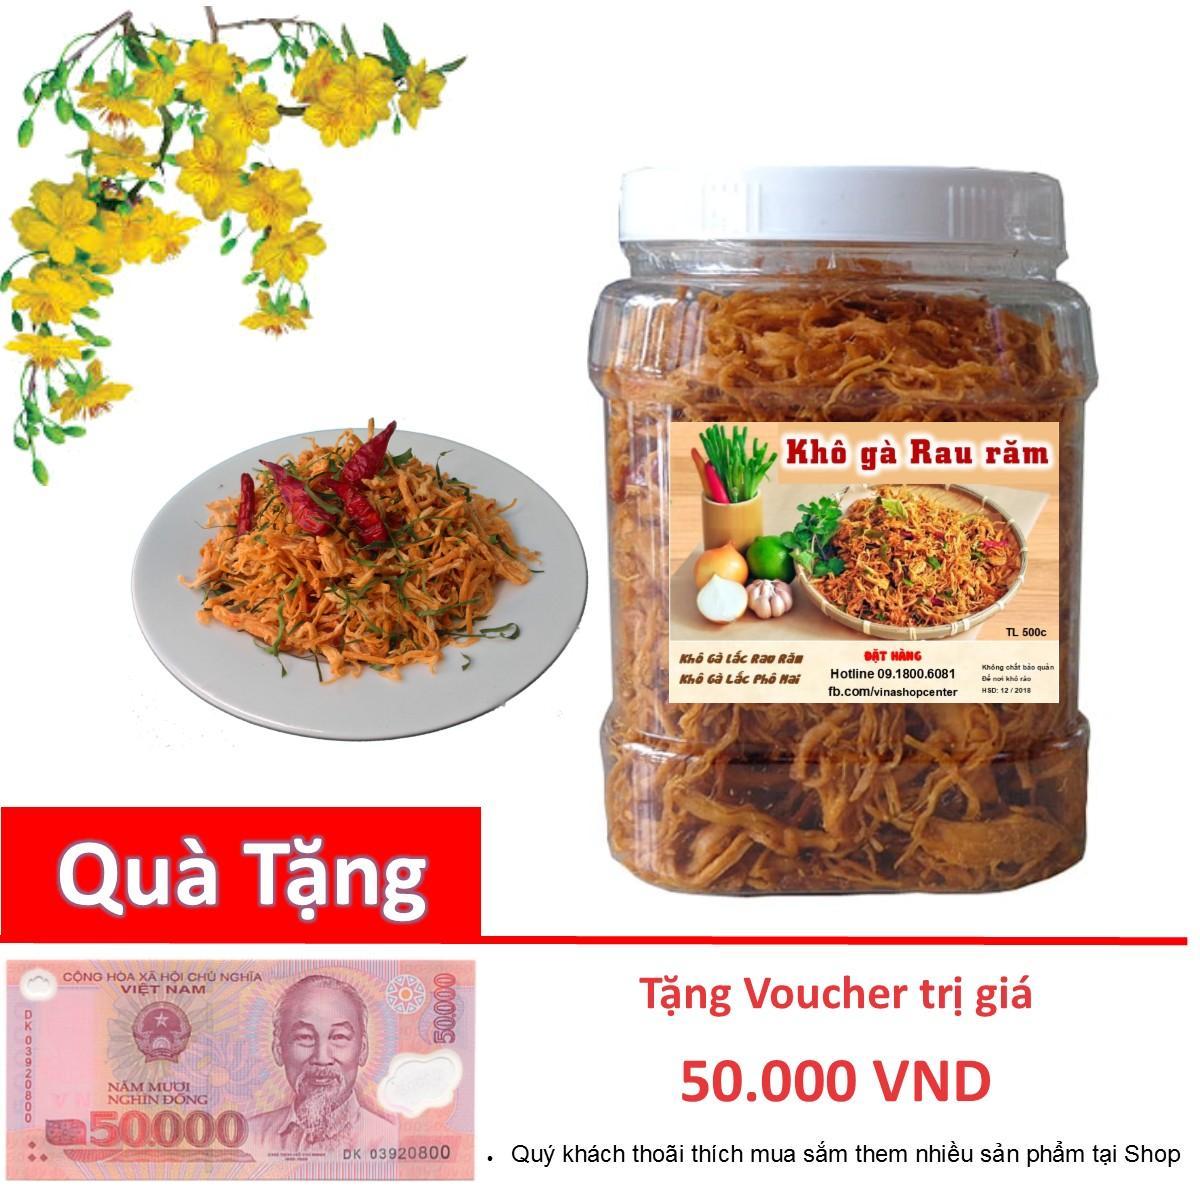 Ôn Tập Kho Ga Xe Phay Vị Rau Răm Ngon Hơn Kho Ga Xe Cay Tặng Voucher Trị Gia 50 000 Vnd Hồ Chí Minh